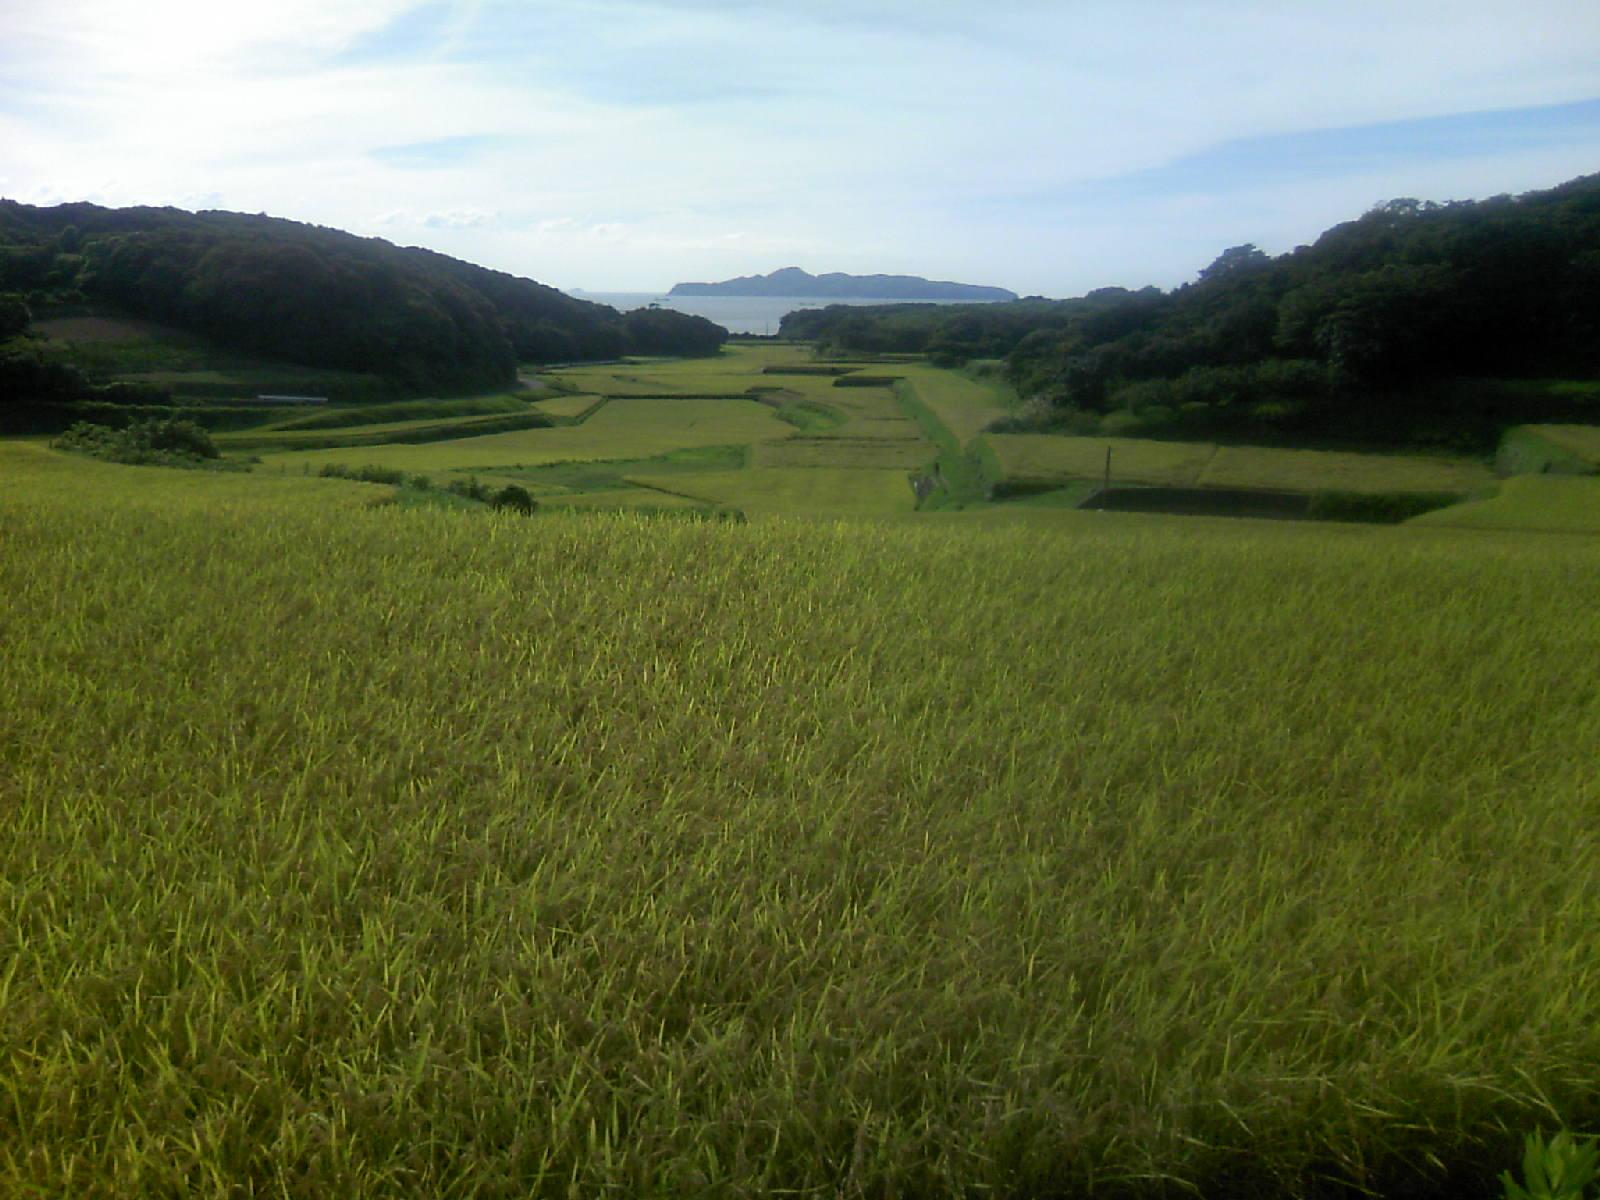 鎮西町名護屋城近くから馬渡島を望む